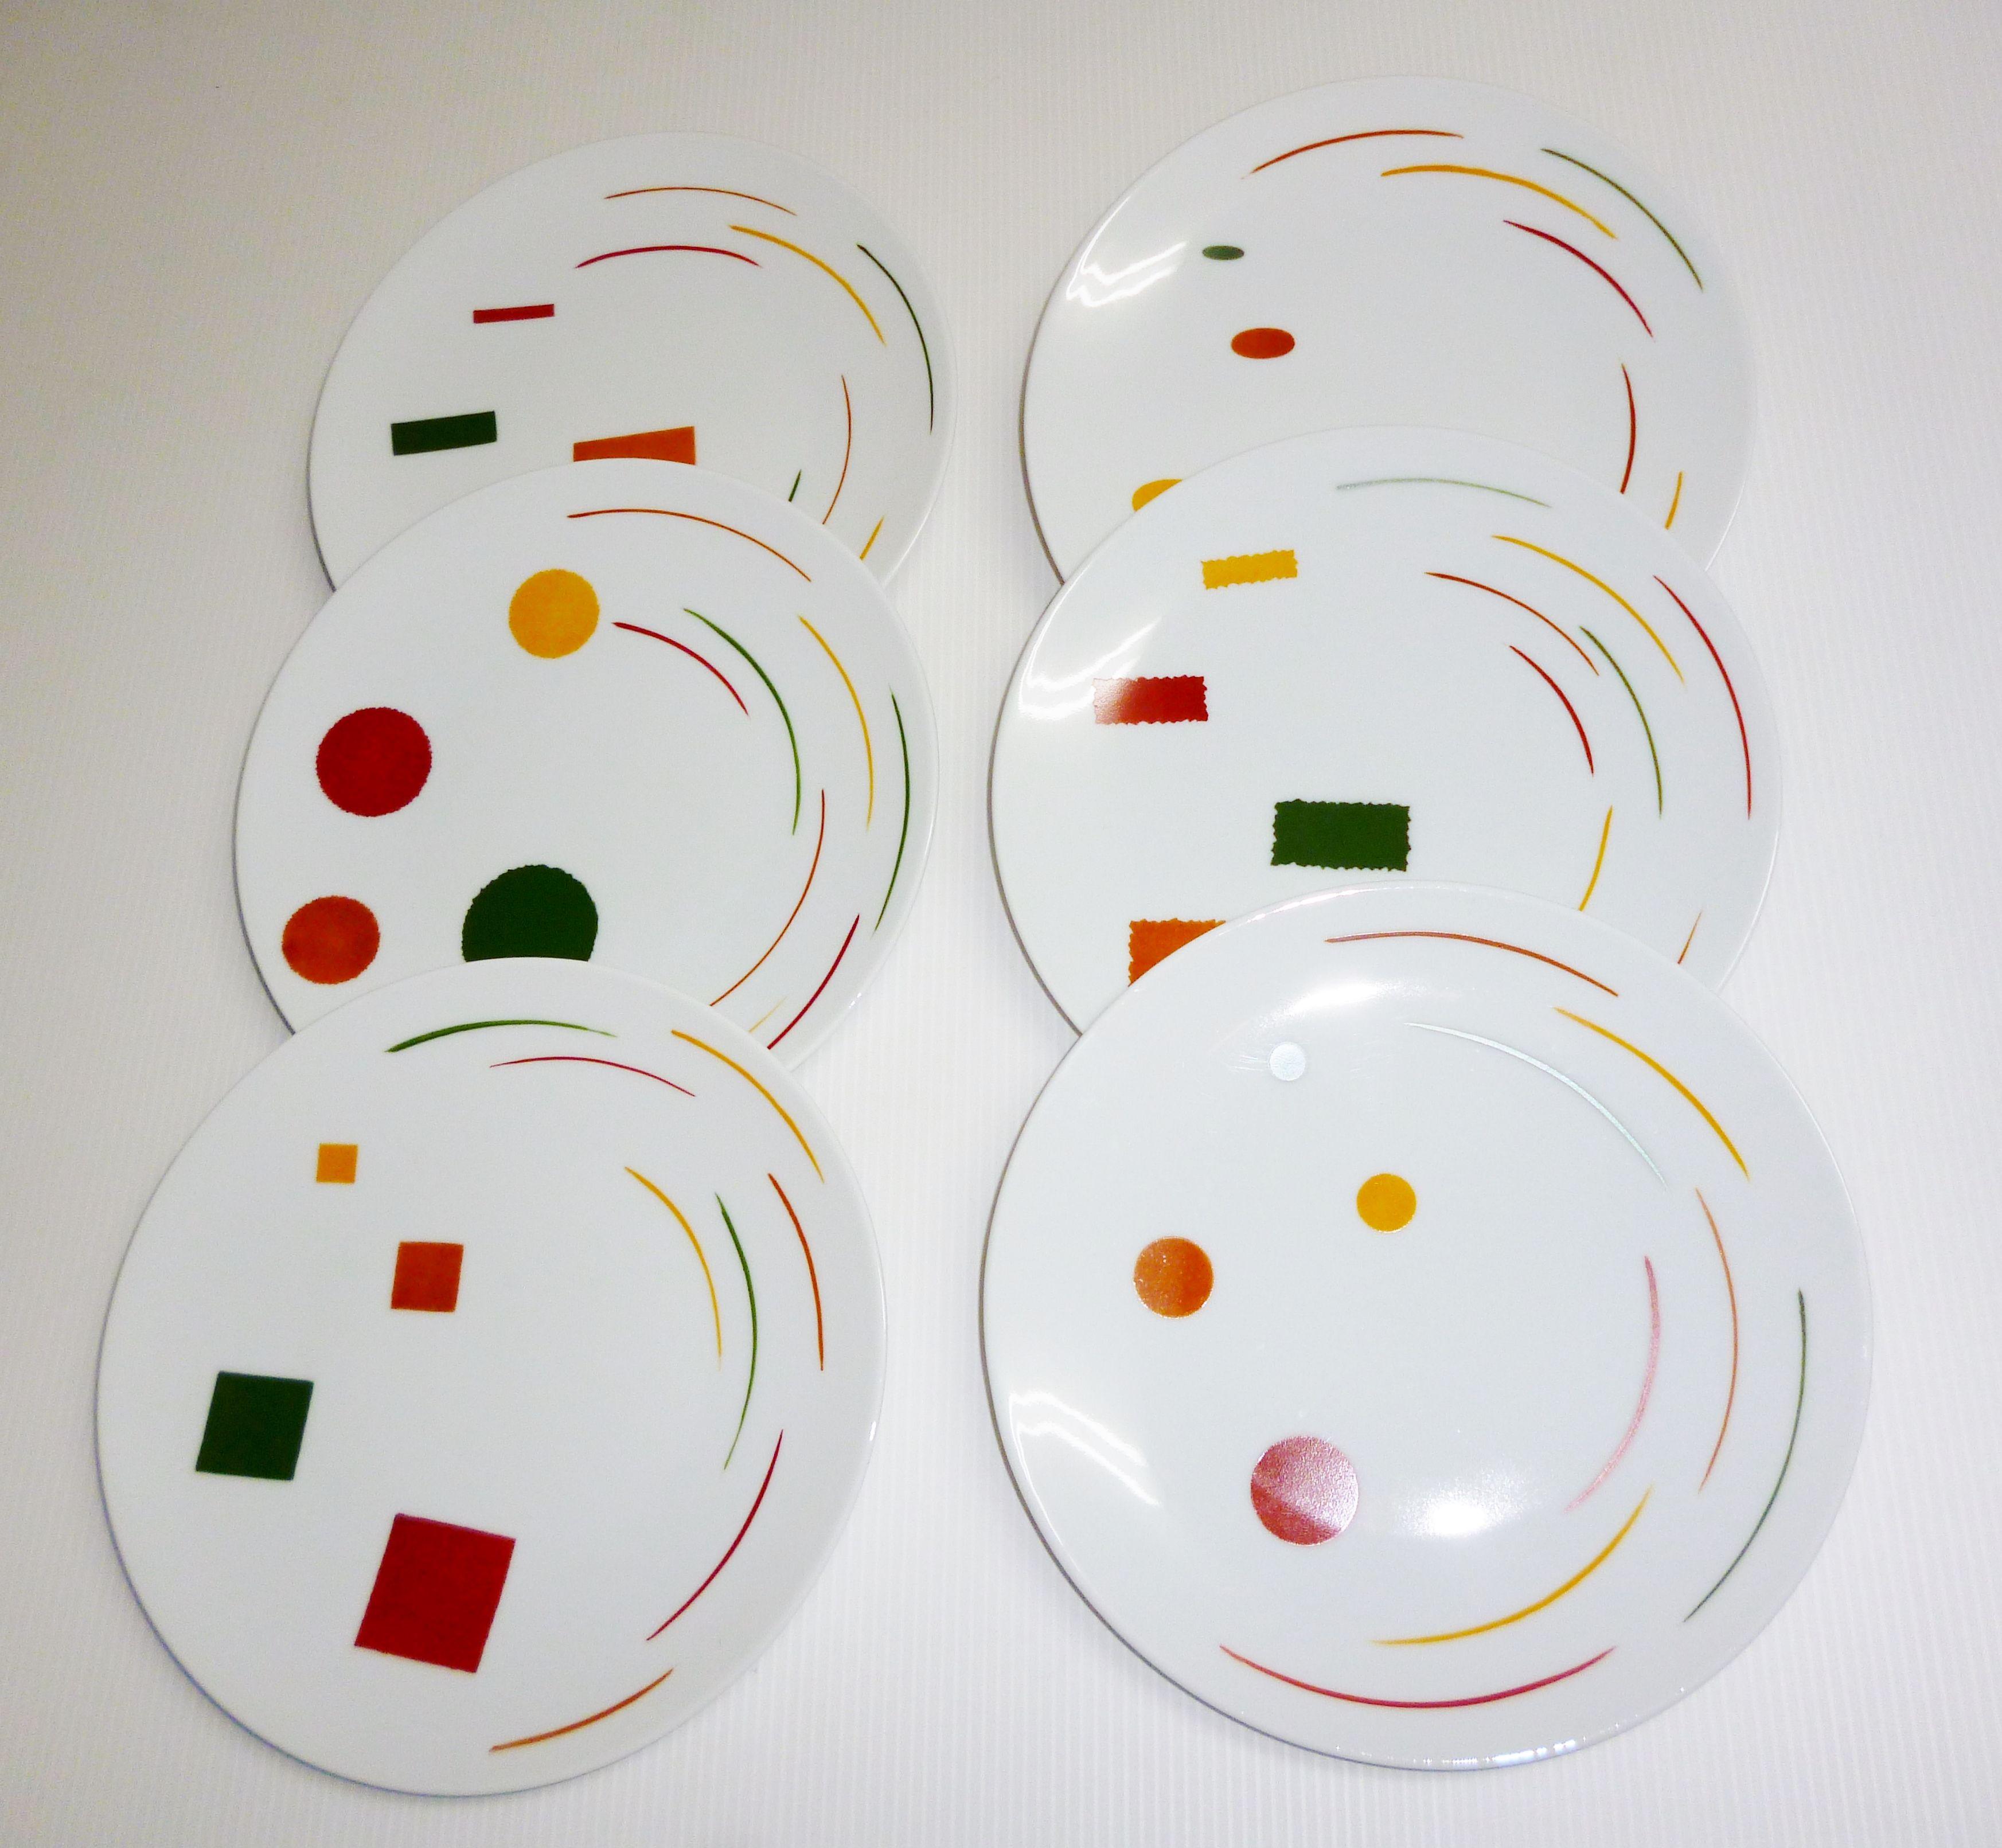 Cr ations atelier 714 peinture porcelaine montpellier assiettes atelier714 peinture sur - Art de la table montpellier ...